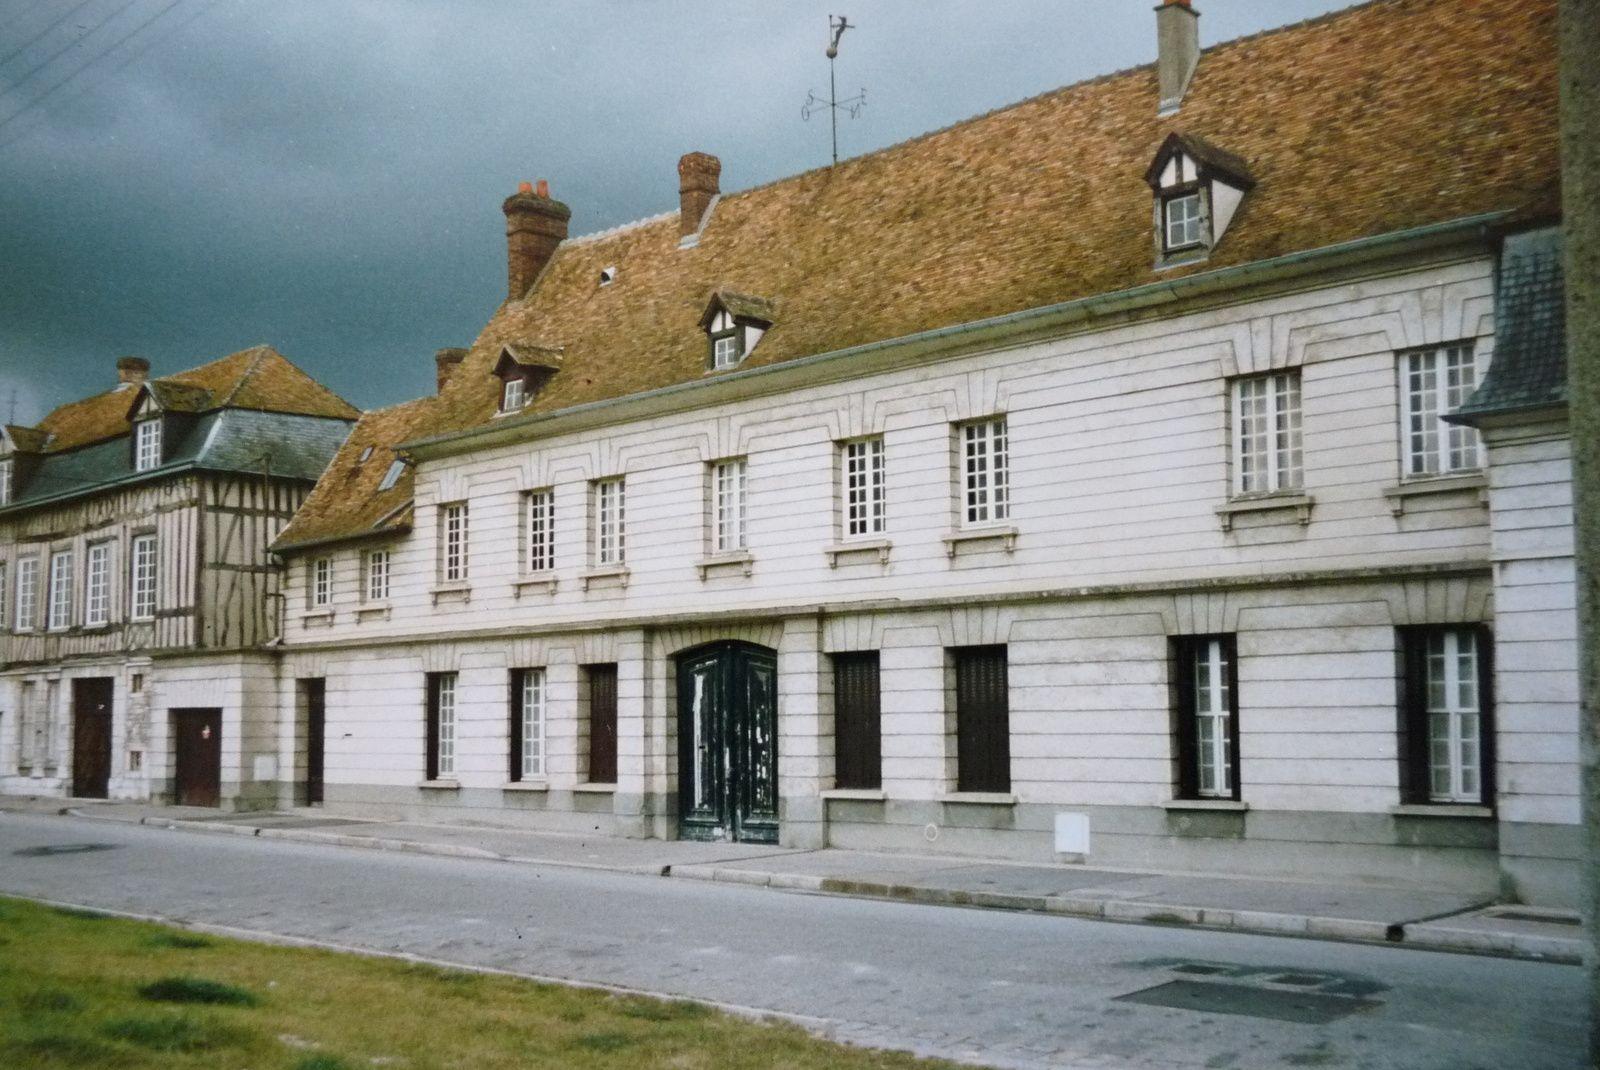 Photographie prise durant les travaux de l'espace Jacques-Henri-Lartigue en 1995 (cliché Ville de Pont-de-l'Arche).